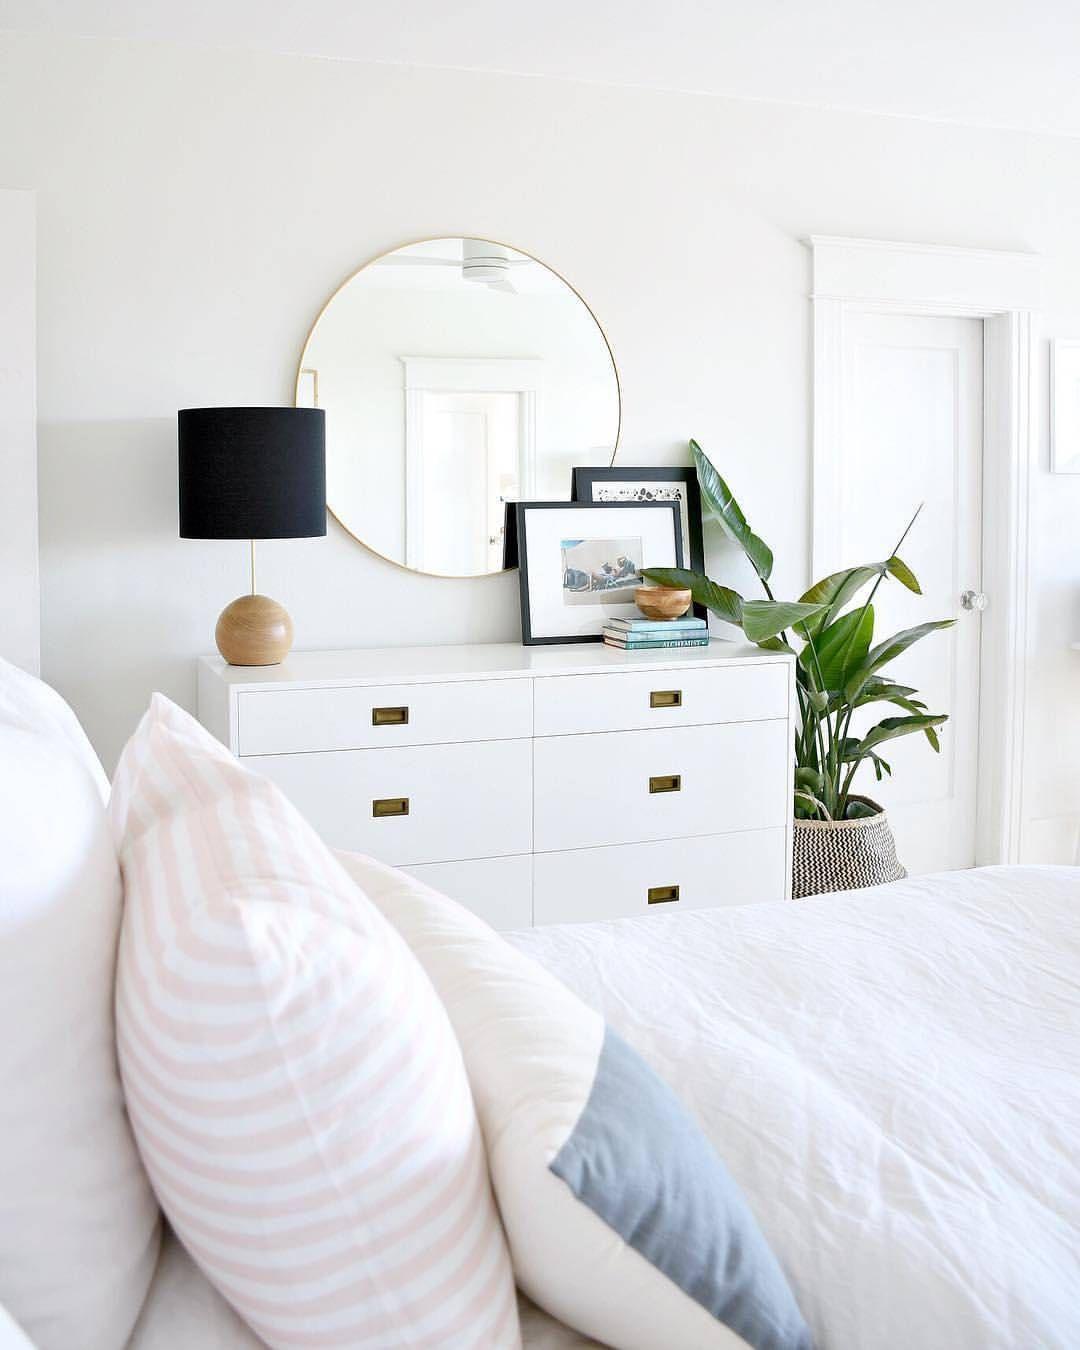 Neues schlafzimmer interieur pin von diana  auf  h o m e  in   pinterest  schlafzimmer